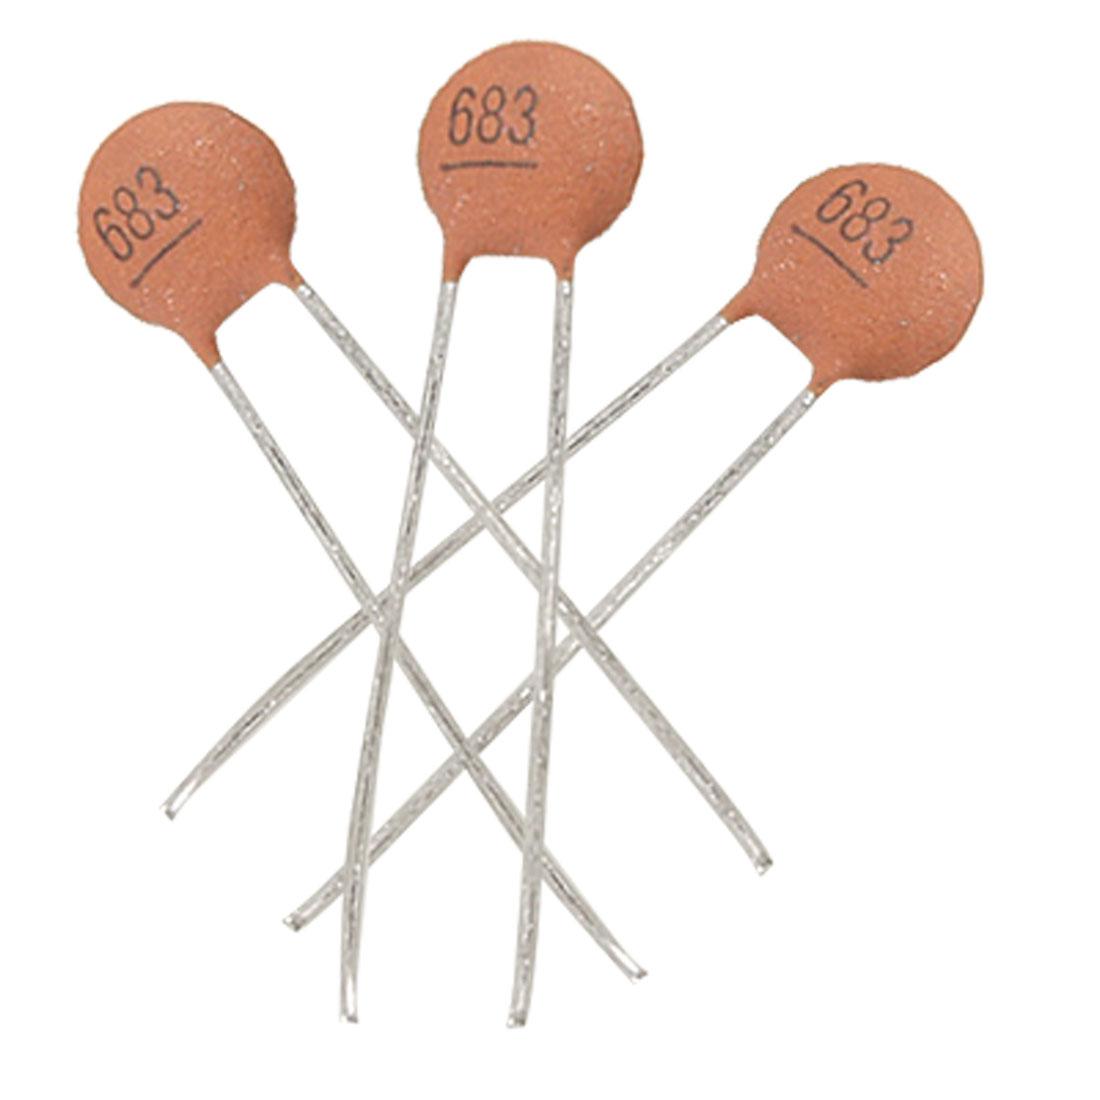 30 x 0.068uF 50V Low Voltage DIP Ceramic Disc Capacitors